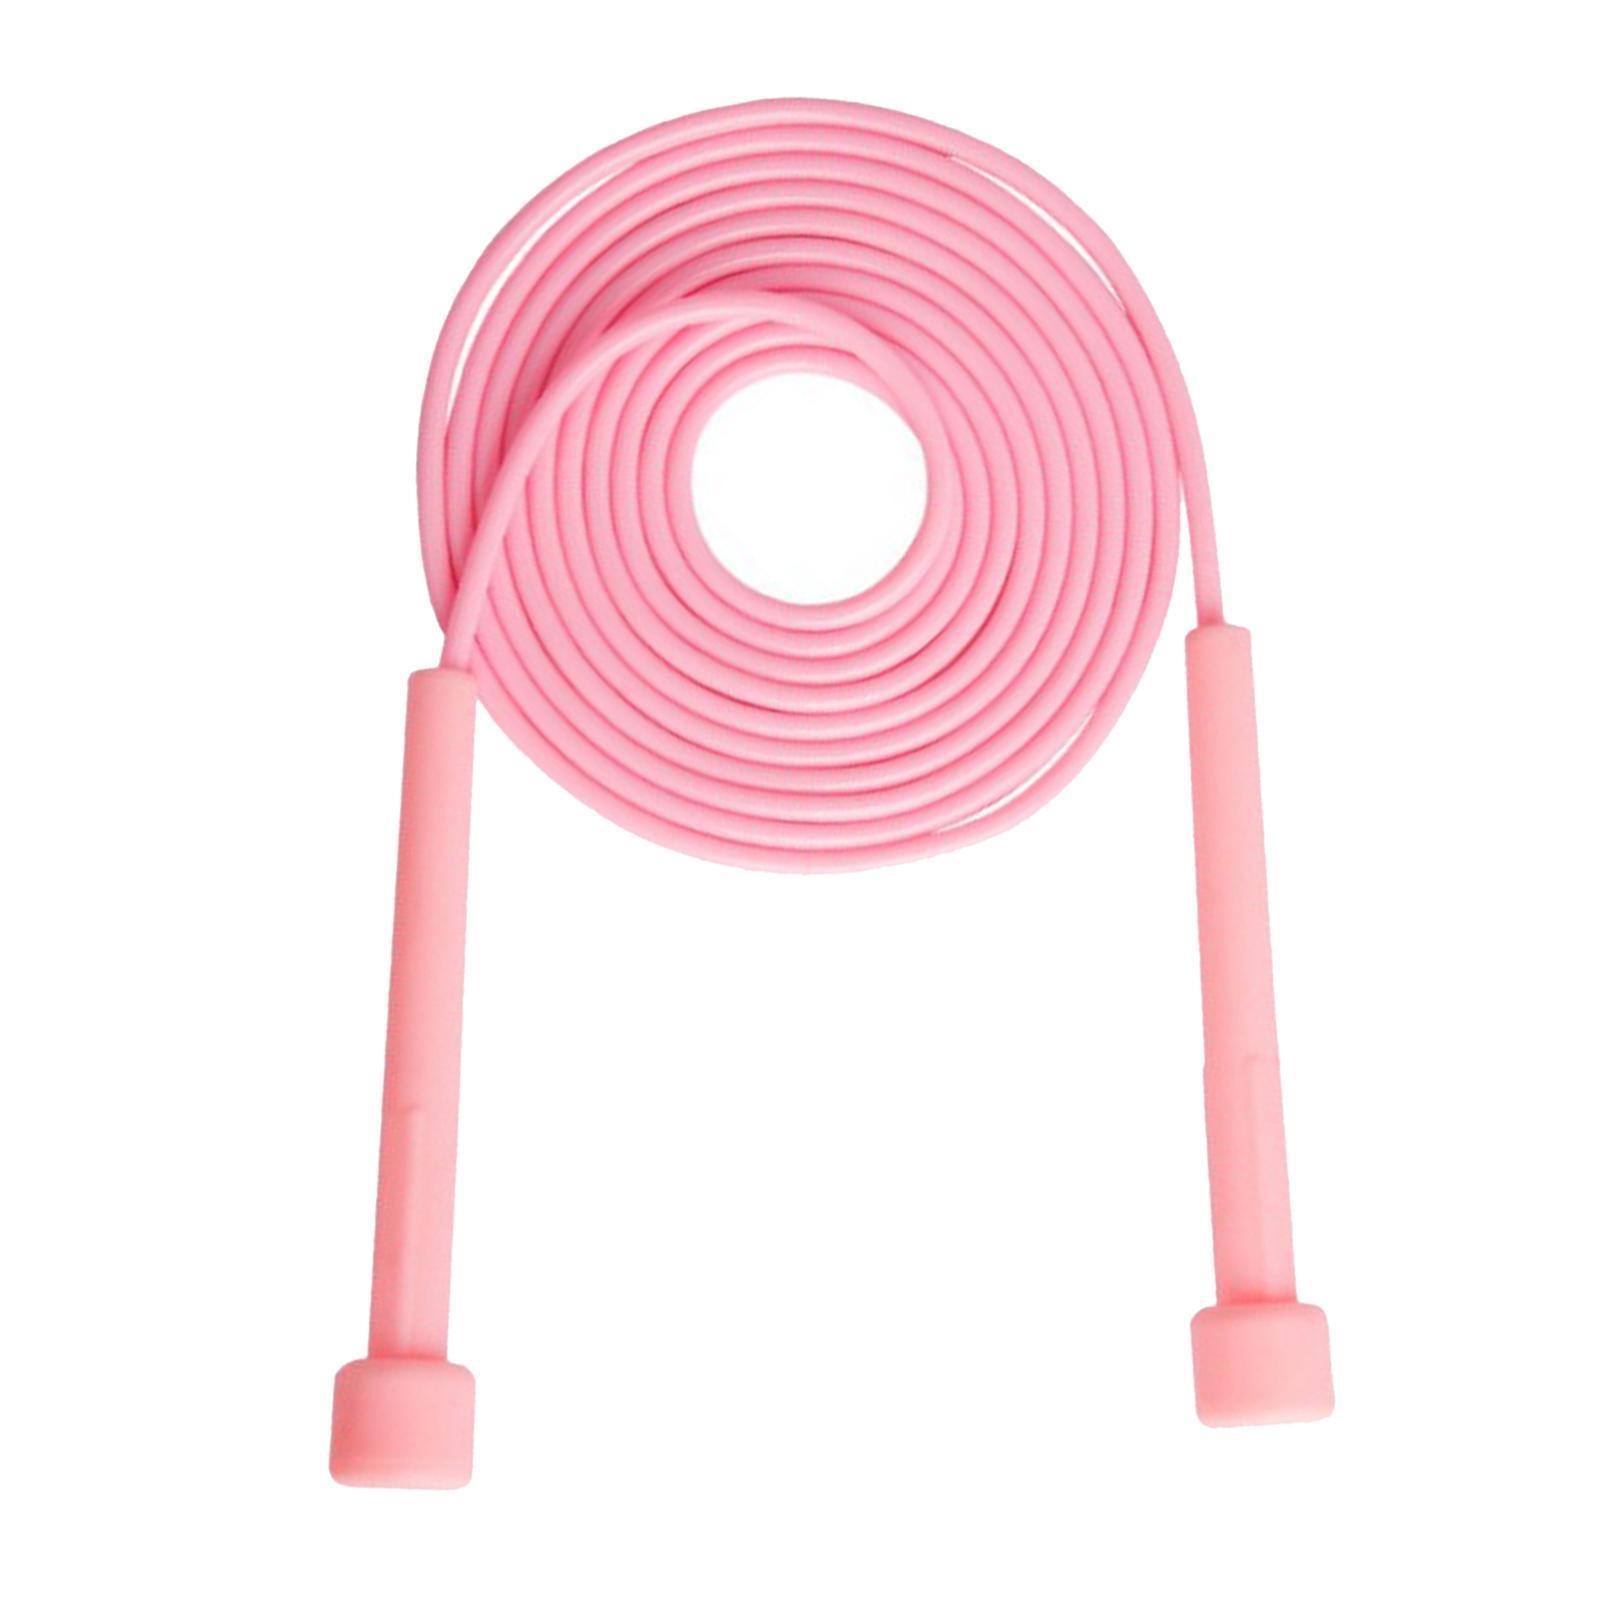 miniature 6 - Corde à sauter Réglable Corde À Sauter Enfants Garçons Filles Adulte Gym Fit